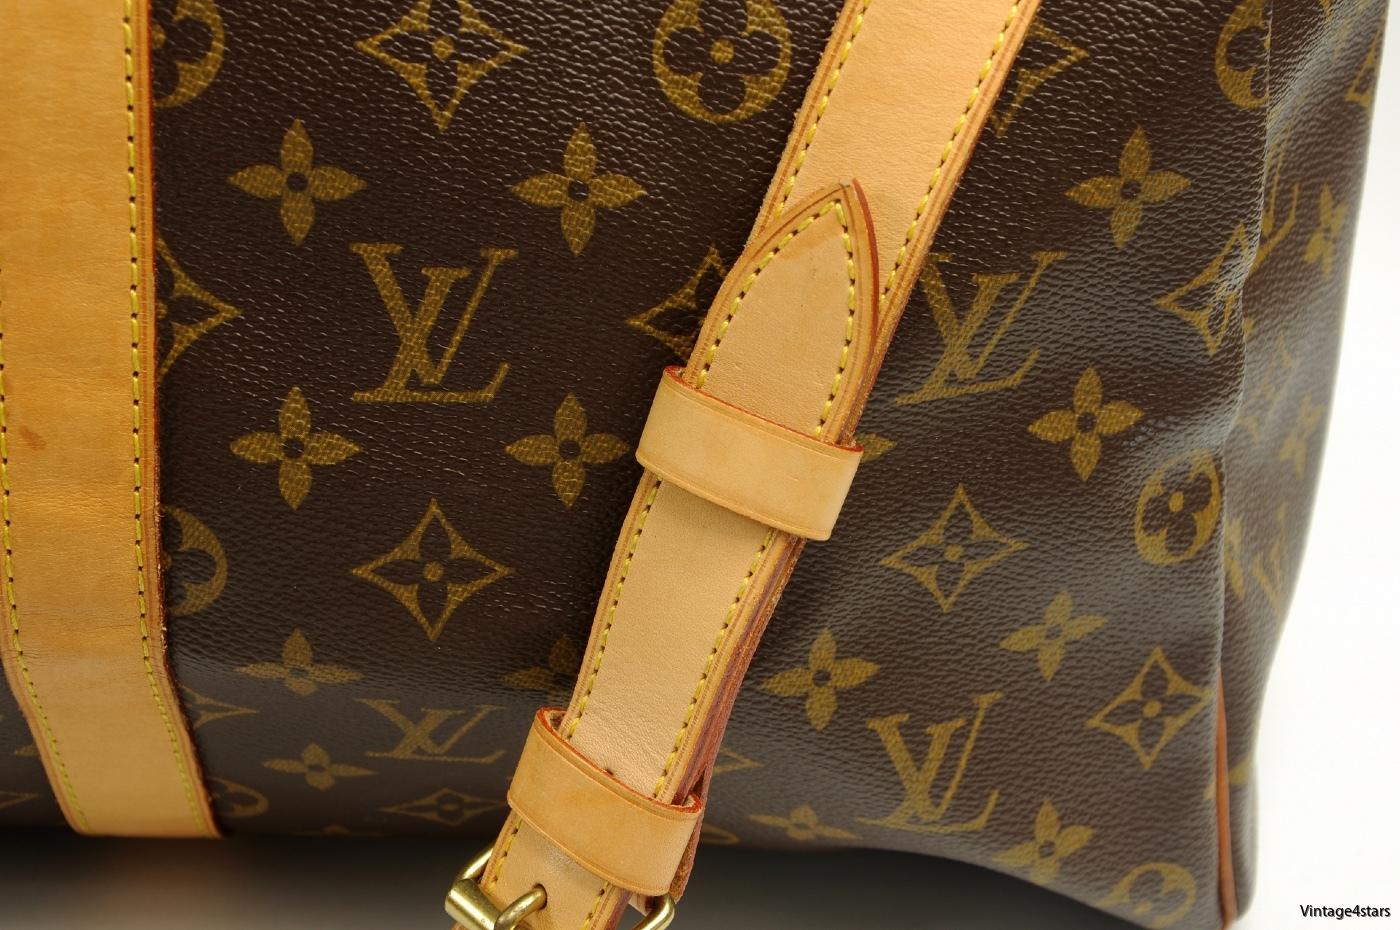 Louis Vuitton Keepall 50 5-3